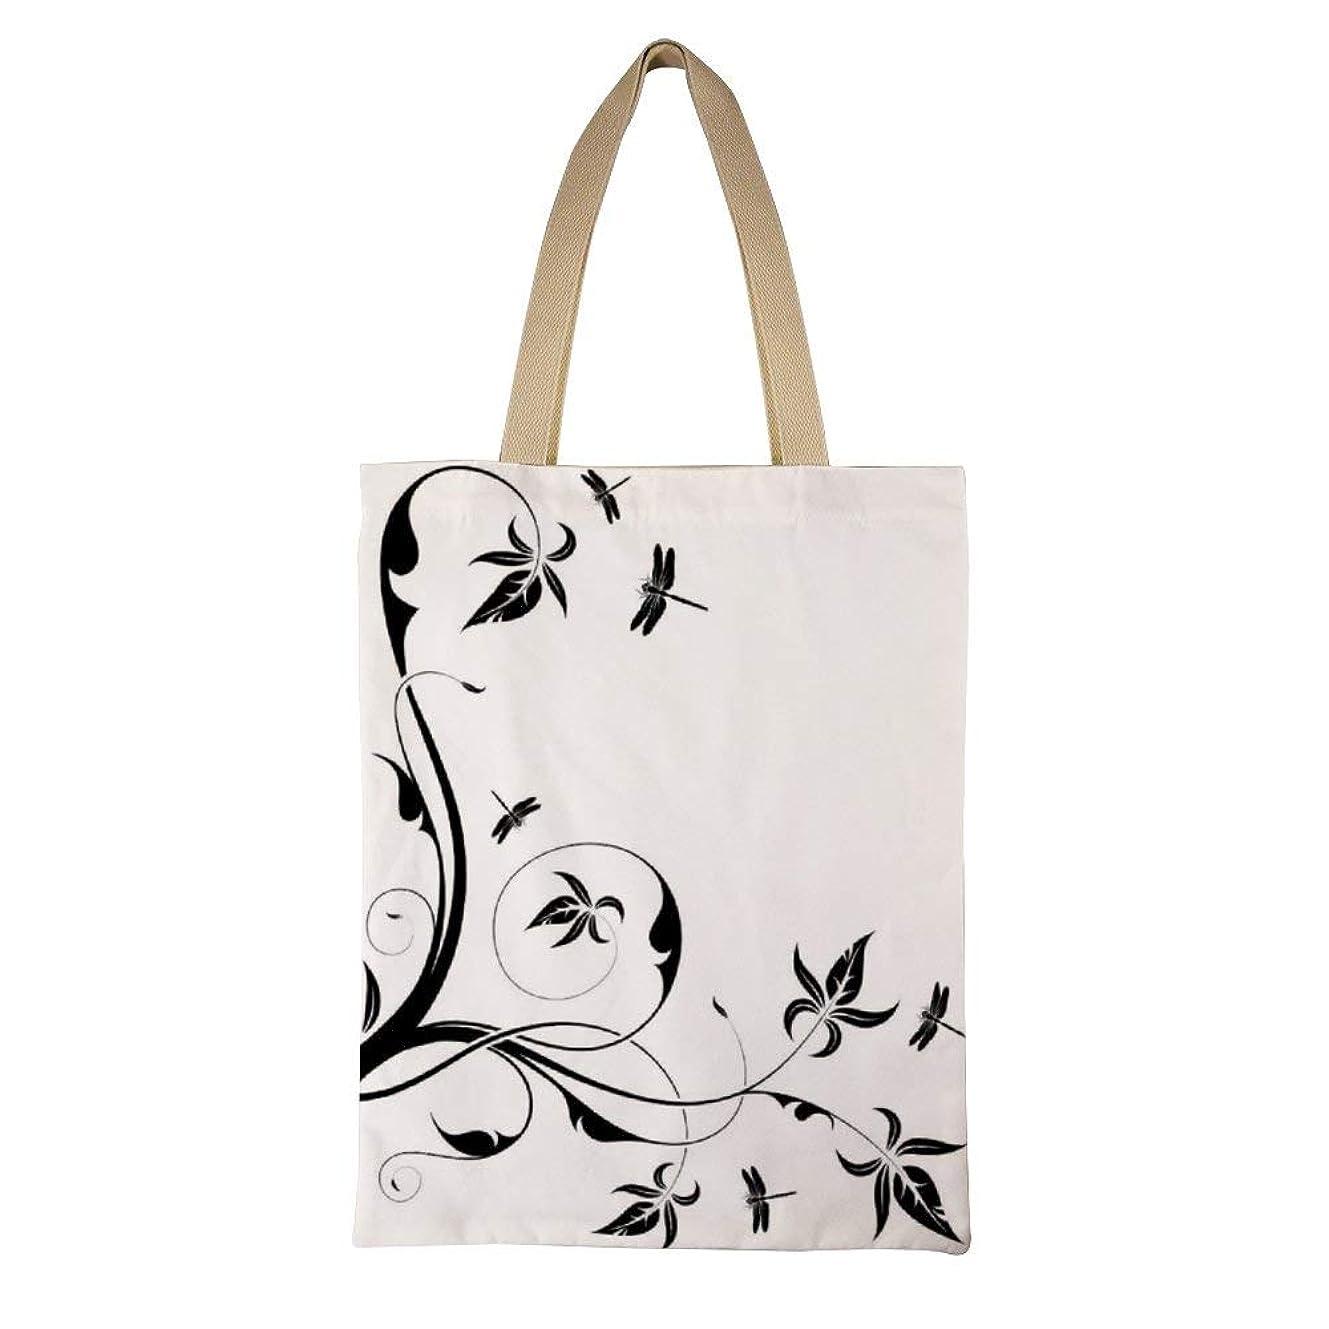 アプト彼どこでもSwirled Floral Background with Damask Curl Branches And Leaves Print レディース キャンバストートバッグ ハンドバッグキャンバスショルダーバッグ通勤通学 大容量 軽量